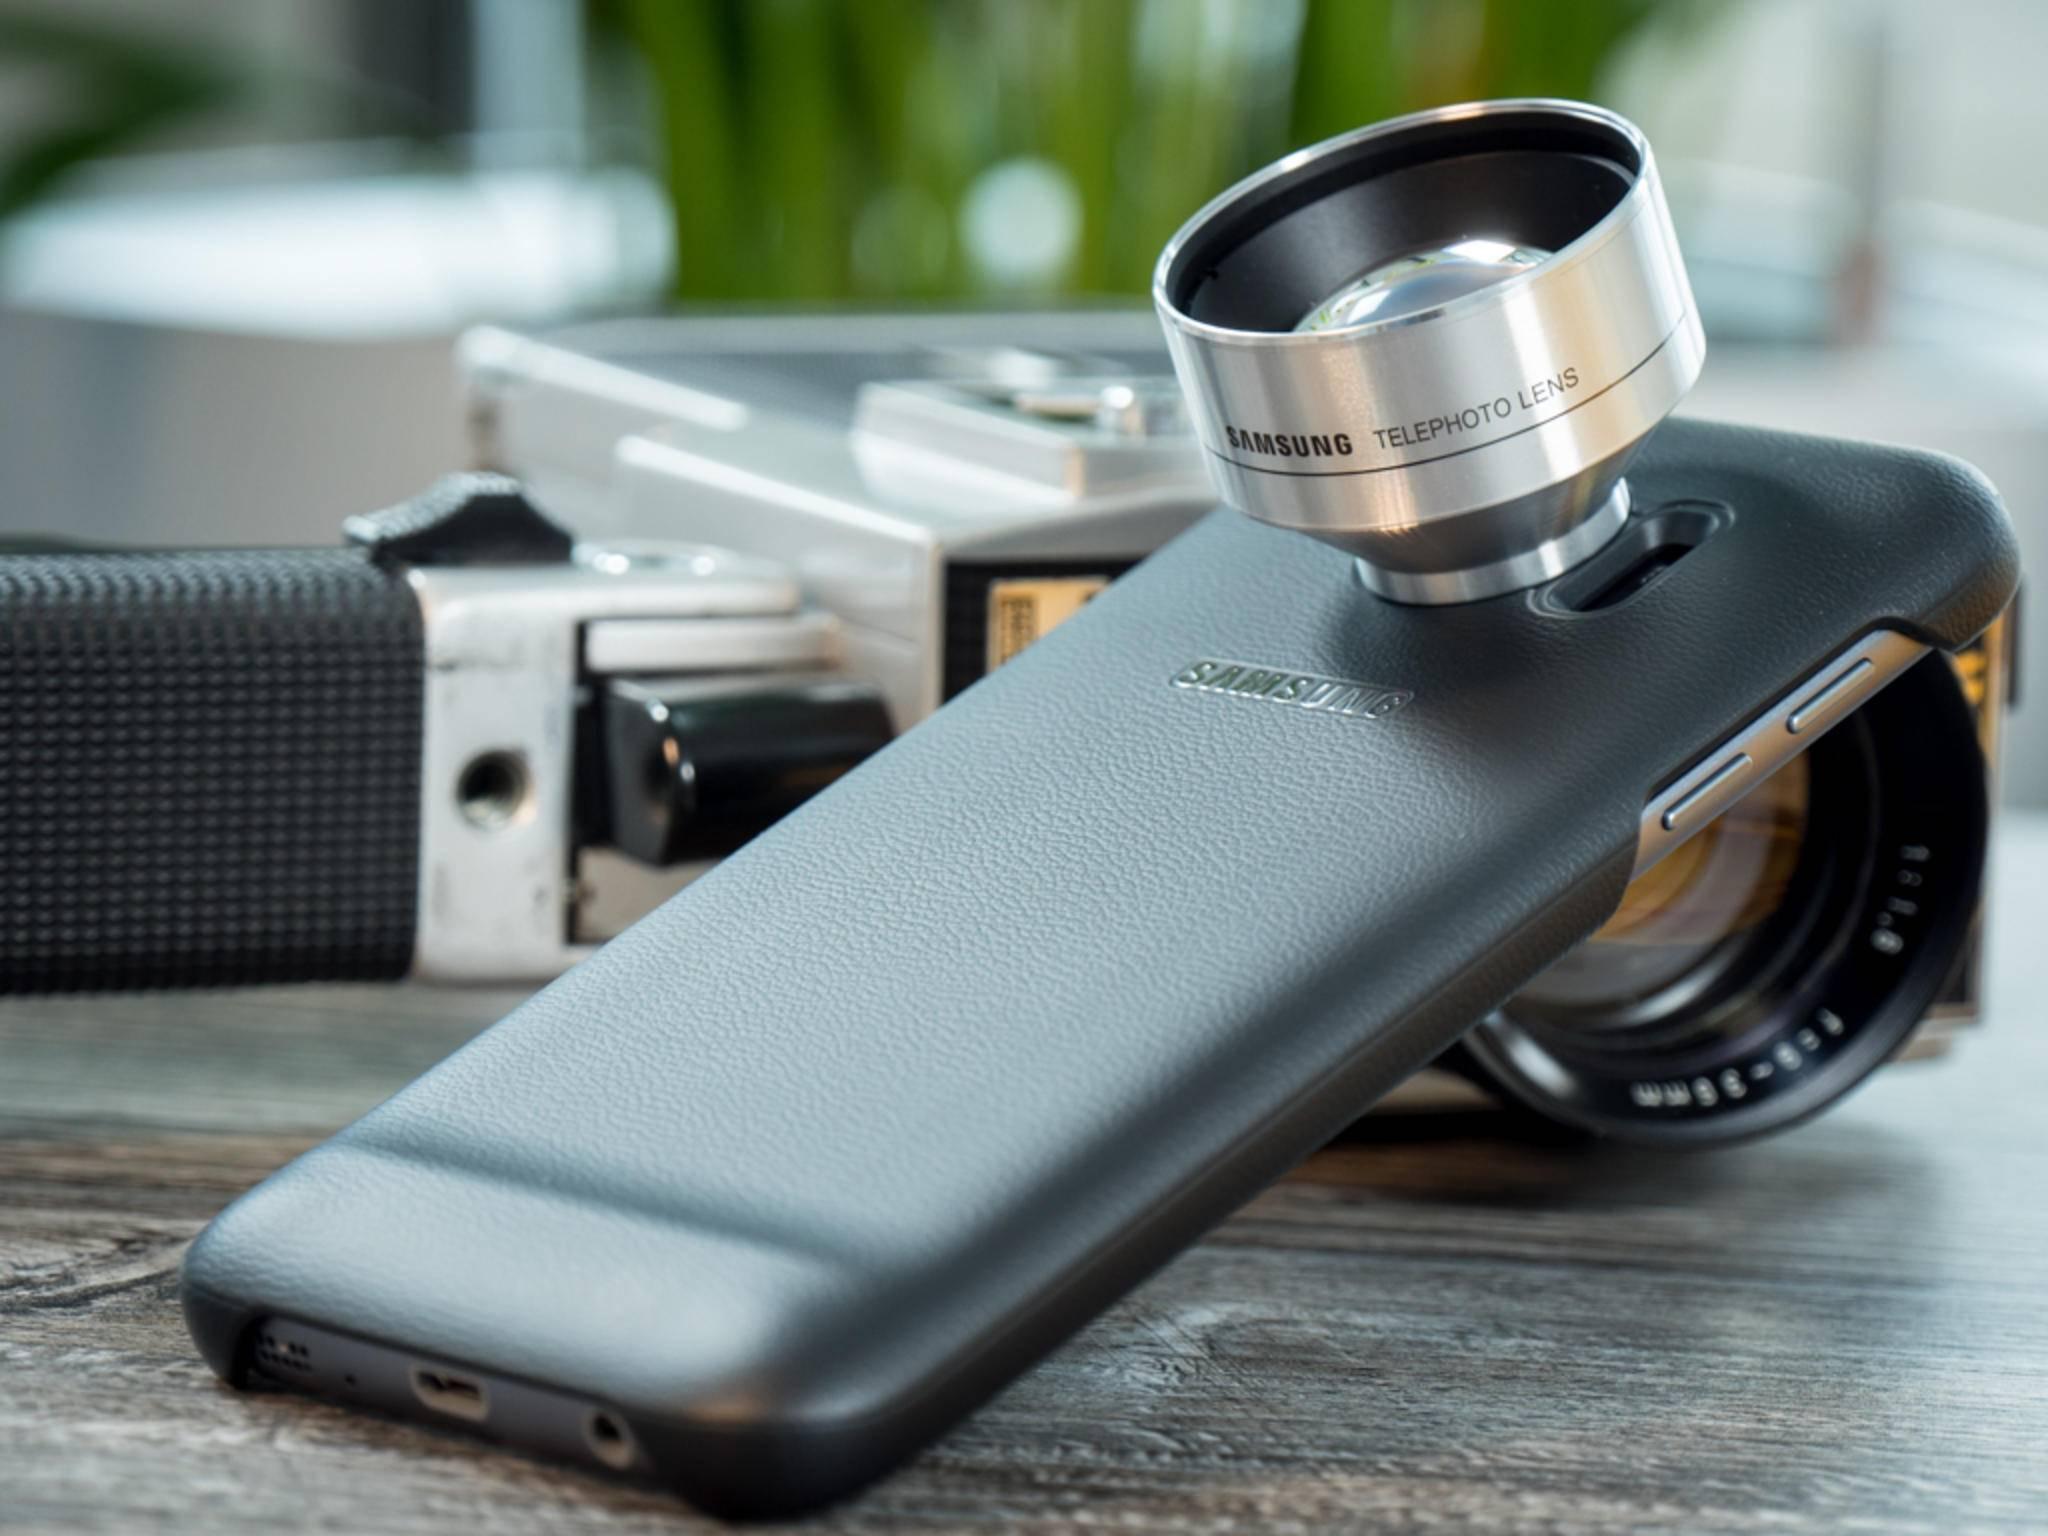 Mit den Zusatzlinsen soll das Galaxy S7 noch mehr Foto-Möglichkeiten bieten.